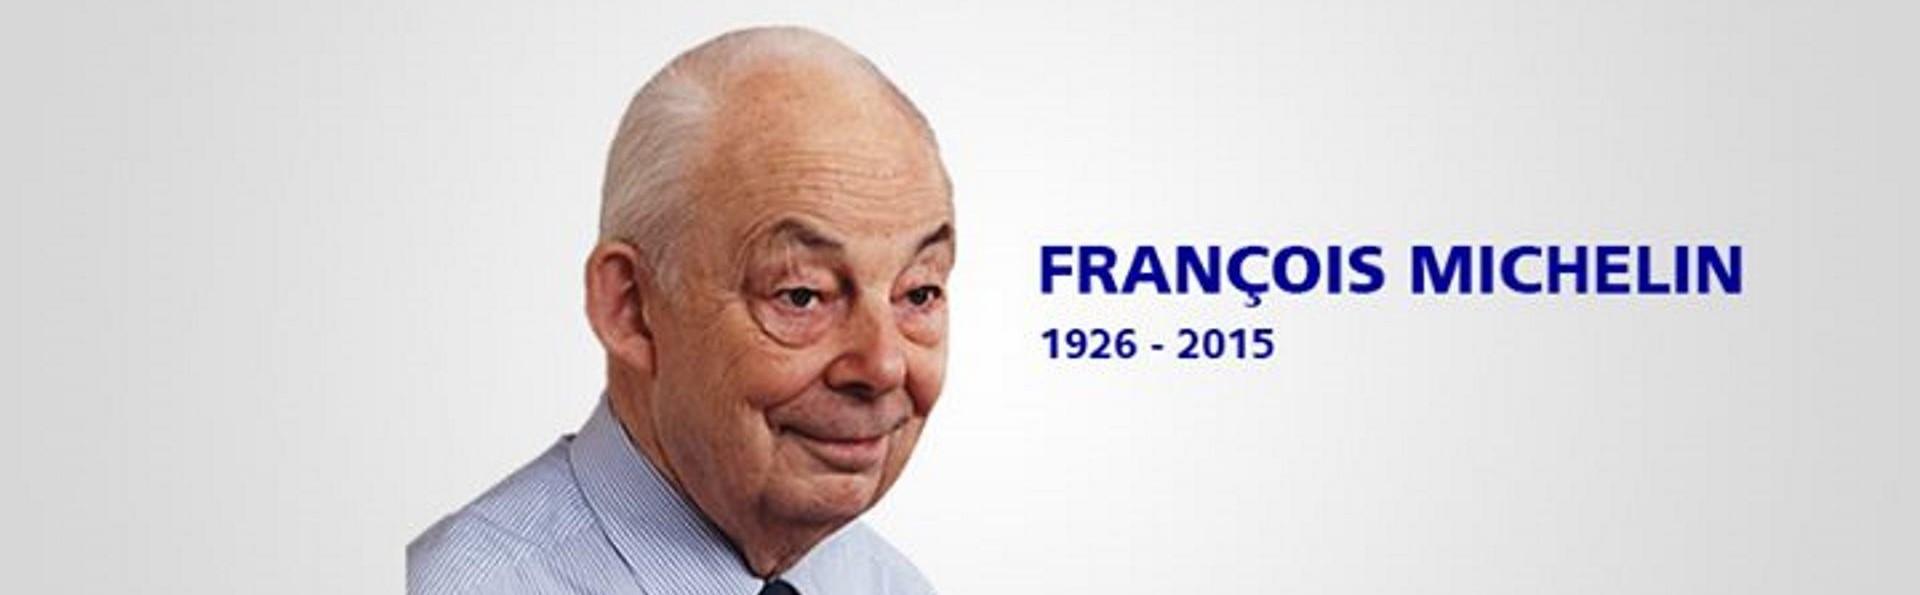 SMRT KRALJA AUTOMOBILSKIH GUMA U 88. godini života preminuo Francois Michelin